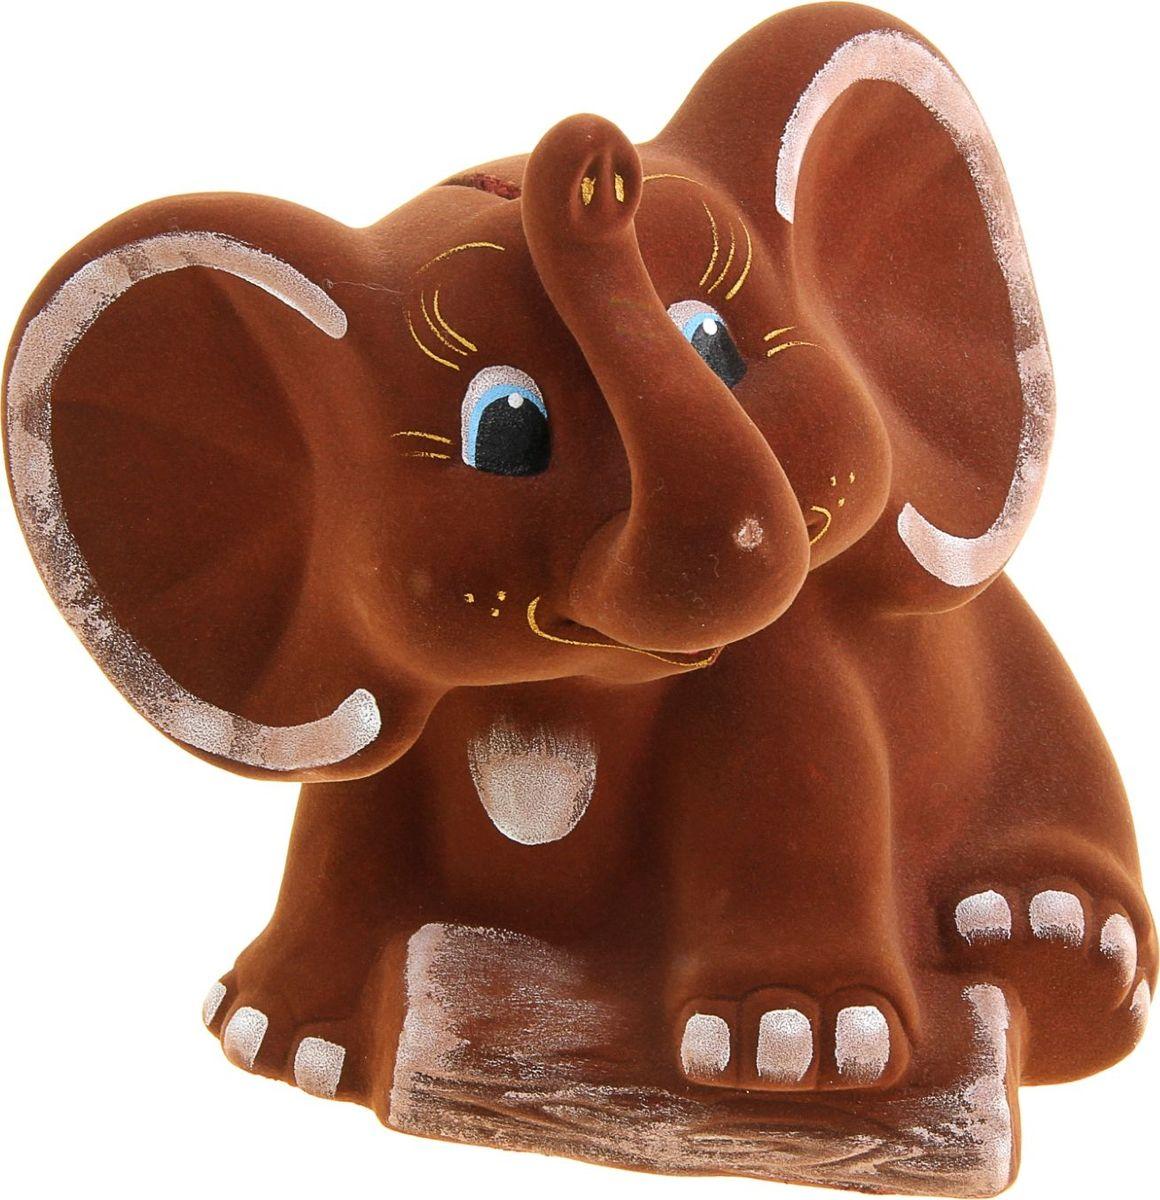 Копилка Керамика ручной работы Слон, 20 х 24 х 25 см1007134Мечтаете накопить на отпуск? Поставьте себе цель, кидайте в копилку купюры покрупнее и вперёд! Слон олицетворяет мудрость, неуязвимость и надёжность. Это животное обладает невероятной силой, но одновременно является терпеливым и миролюбивым. Изделие в виде этого млекопитающего сохранит в доме любовь и поможет улучшить благосостояние.Обращаем ваше внимание, что копилка является одноразовой.